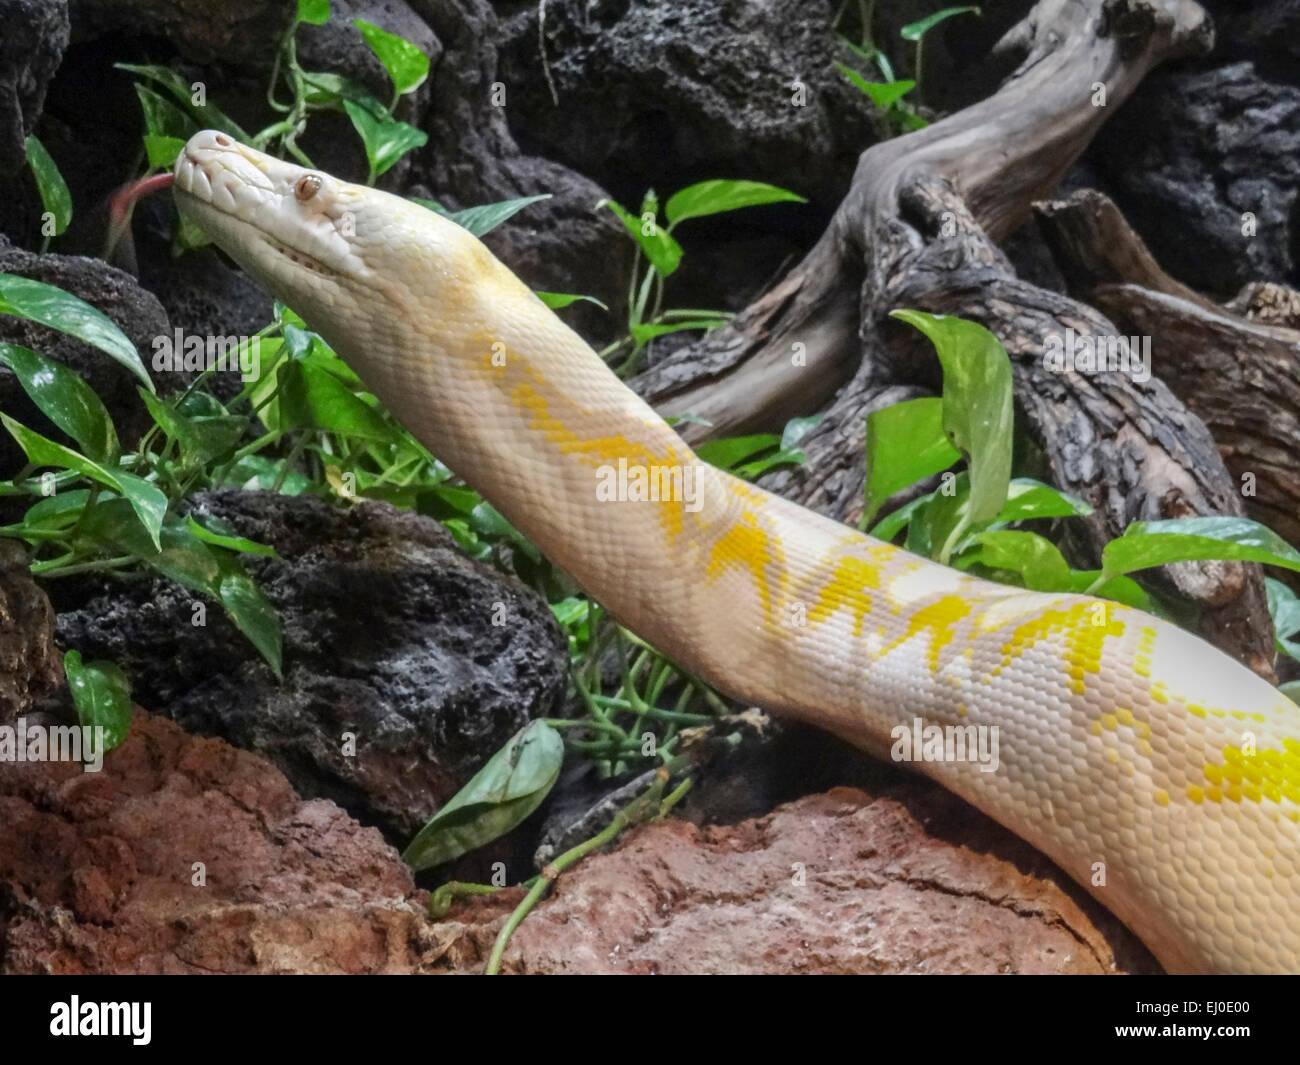 albino, carnivores, constricting, Dallas Zoo, non venomous, Python reticulatus, Reptile, Reticulated Python, Southeast - Stock Image